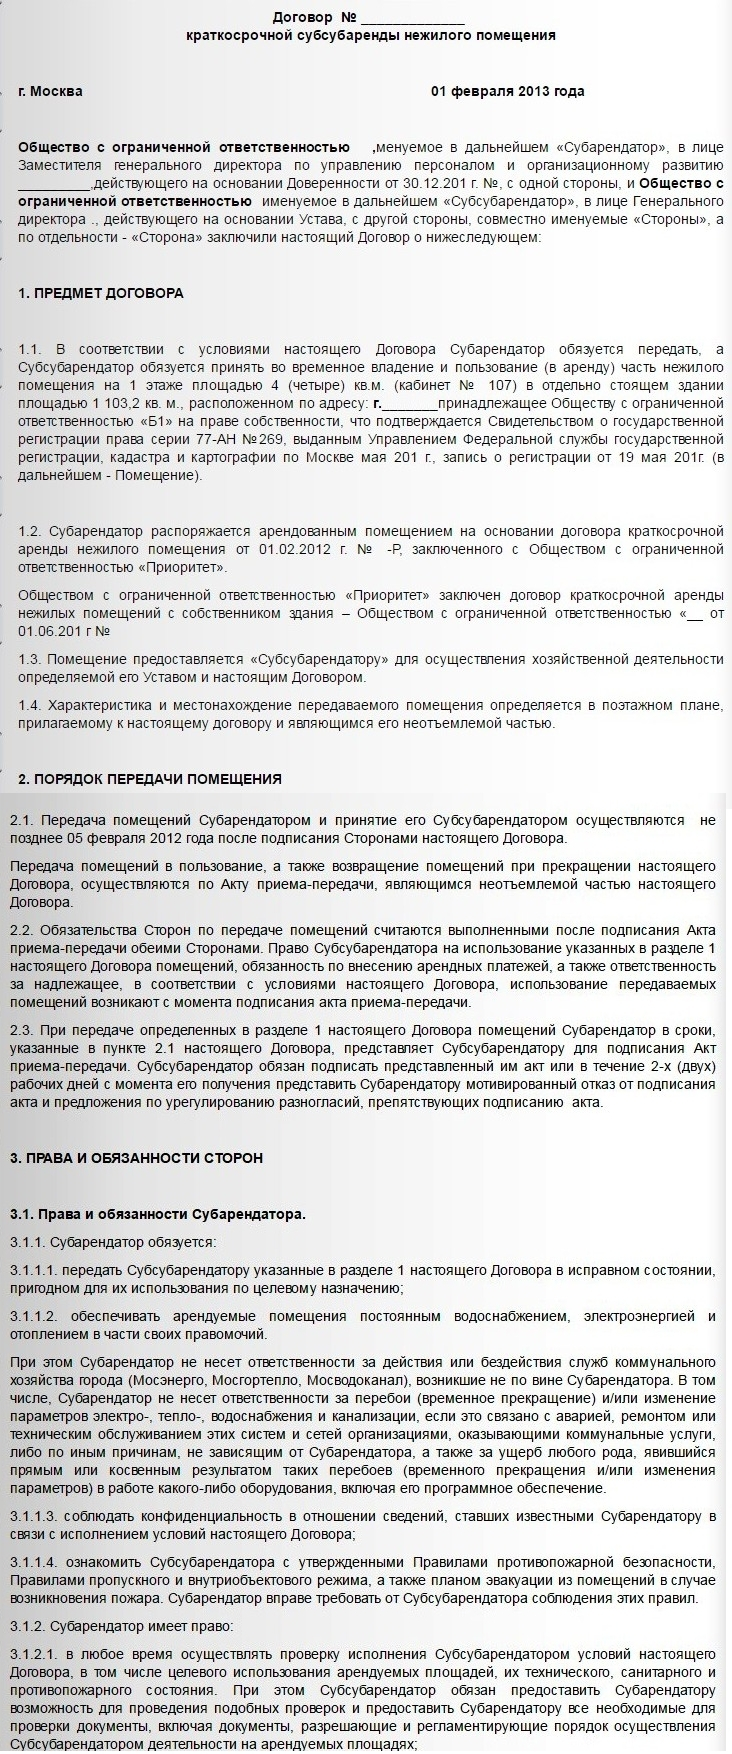 Ворд договор подряда между юридическими лицами на выполнение работ